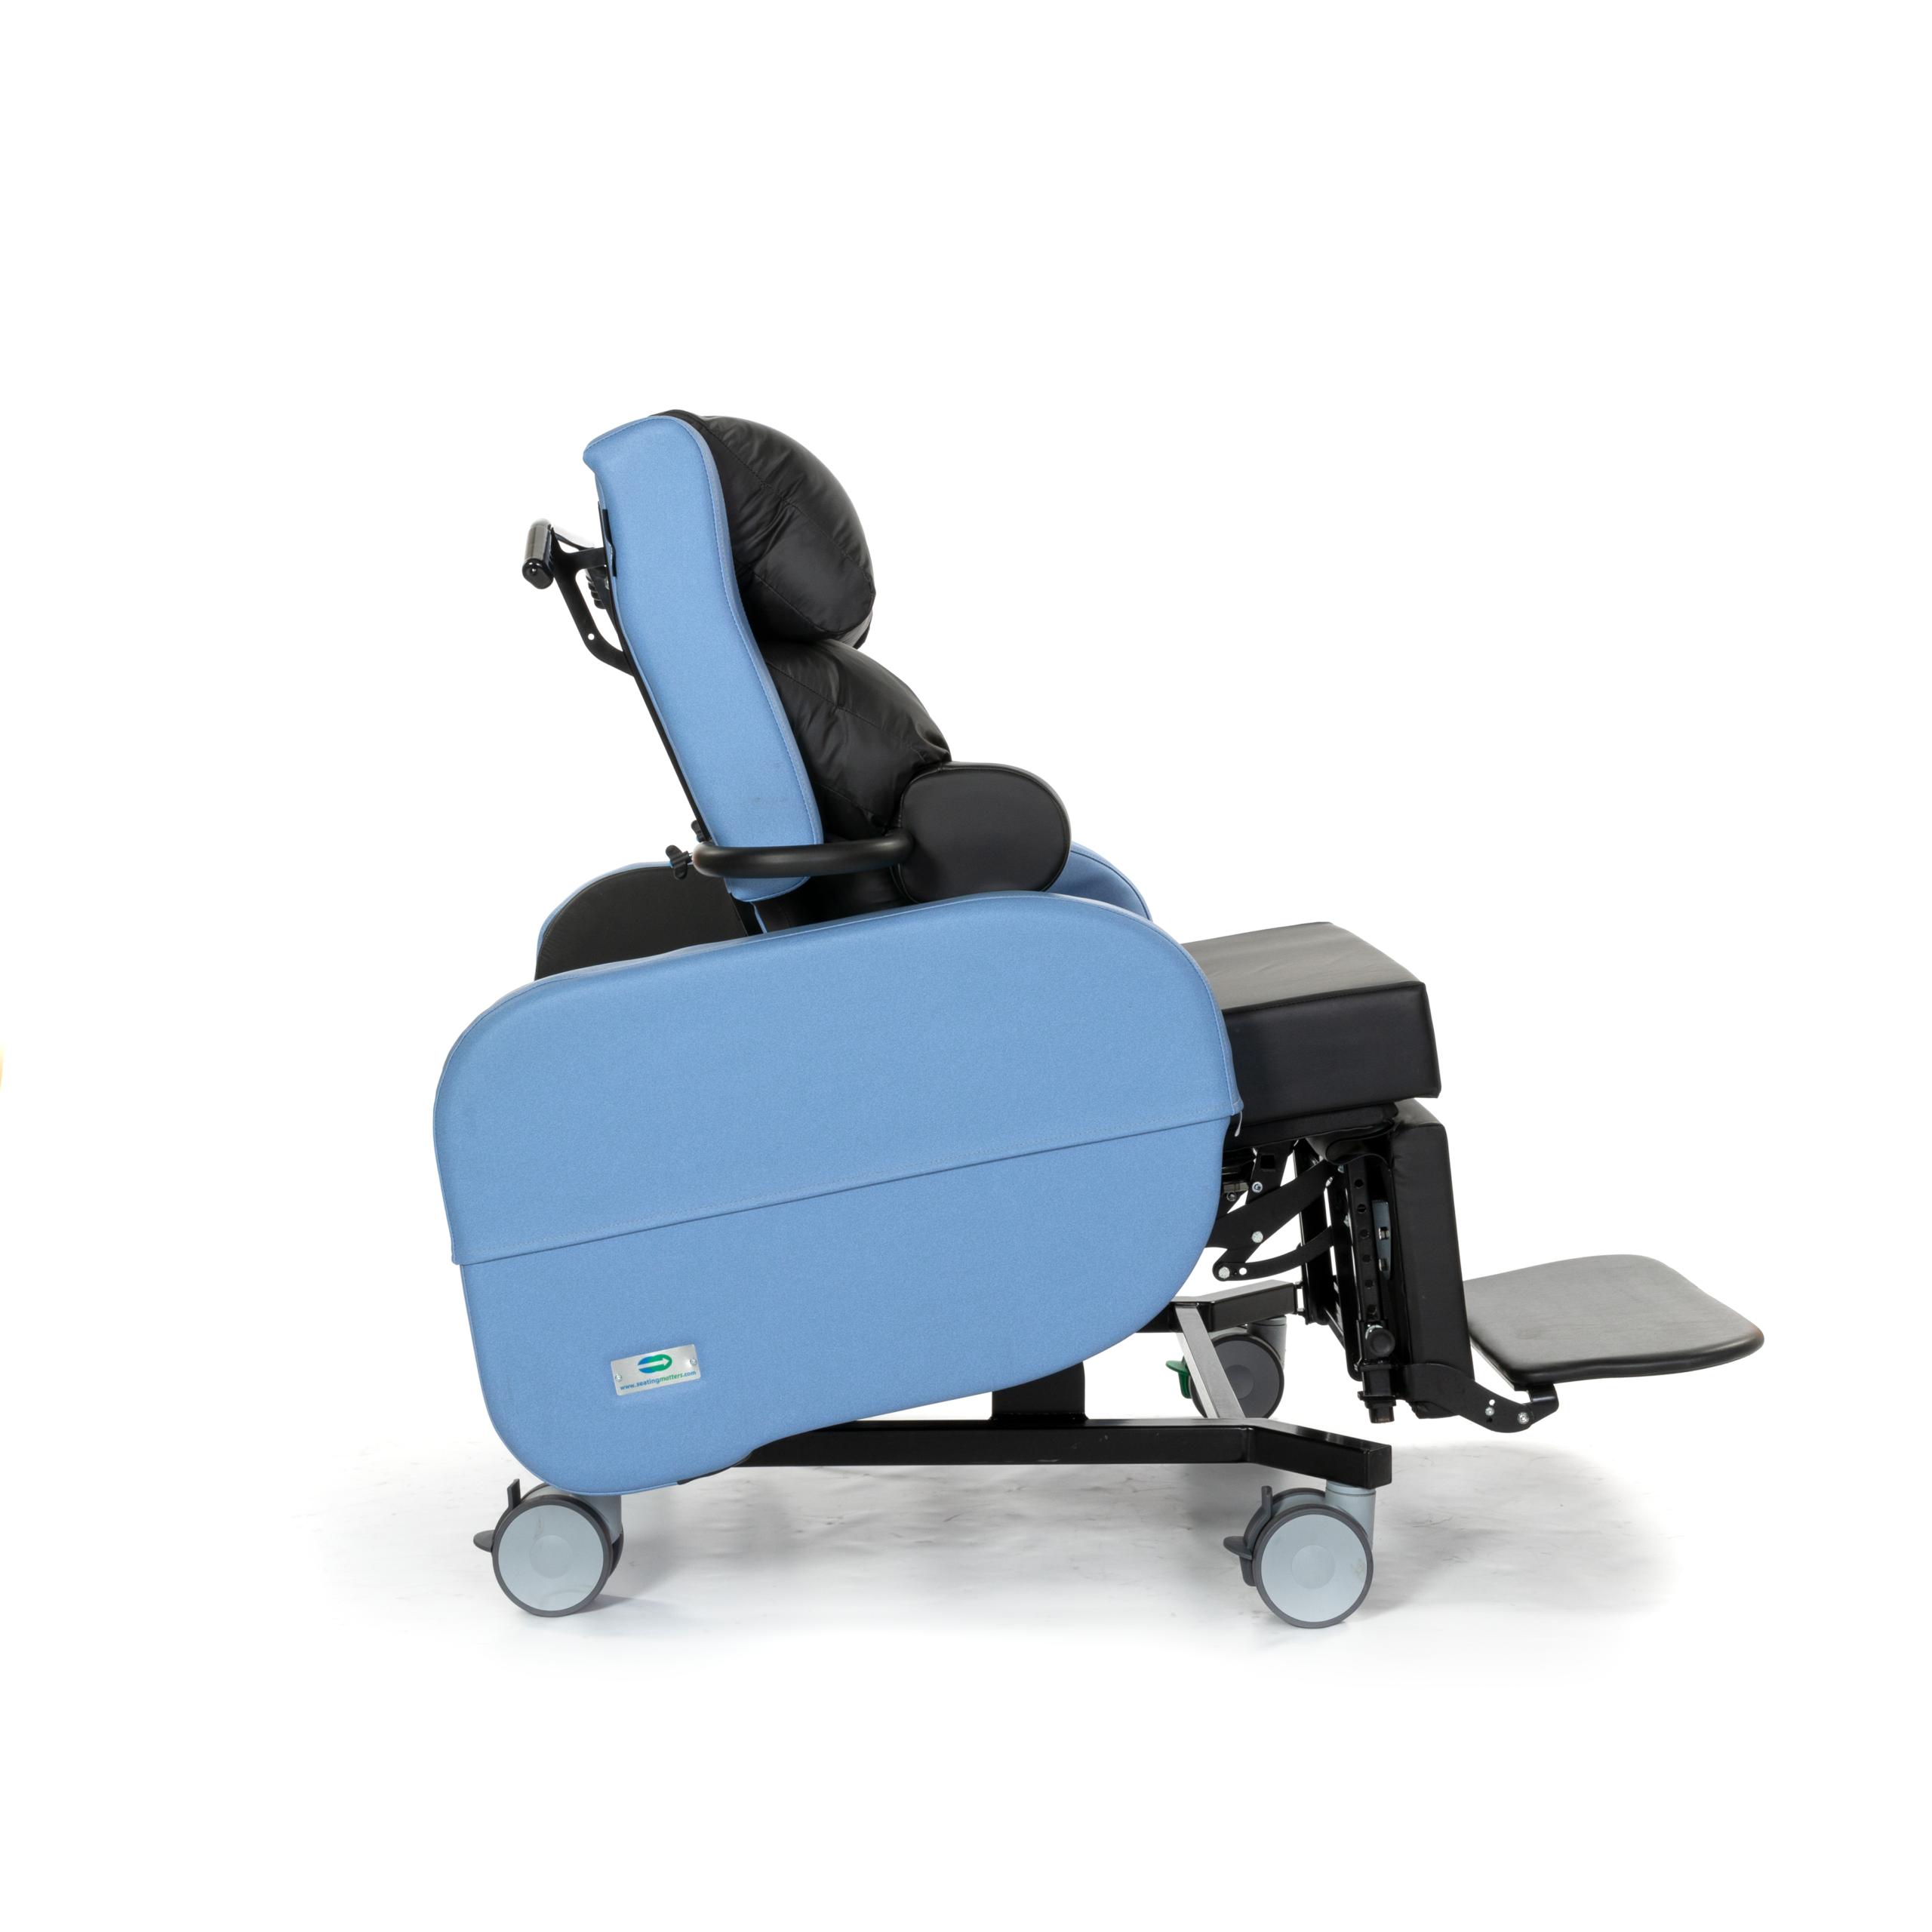 Zorgstoel voor obese bewoners Sorrento XL 01